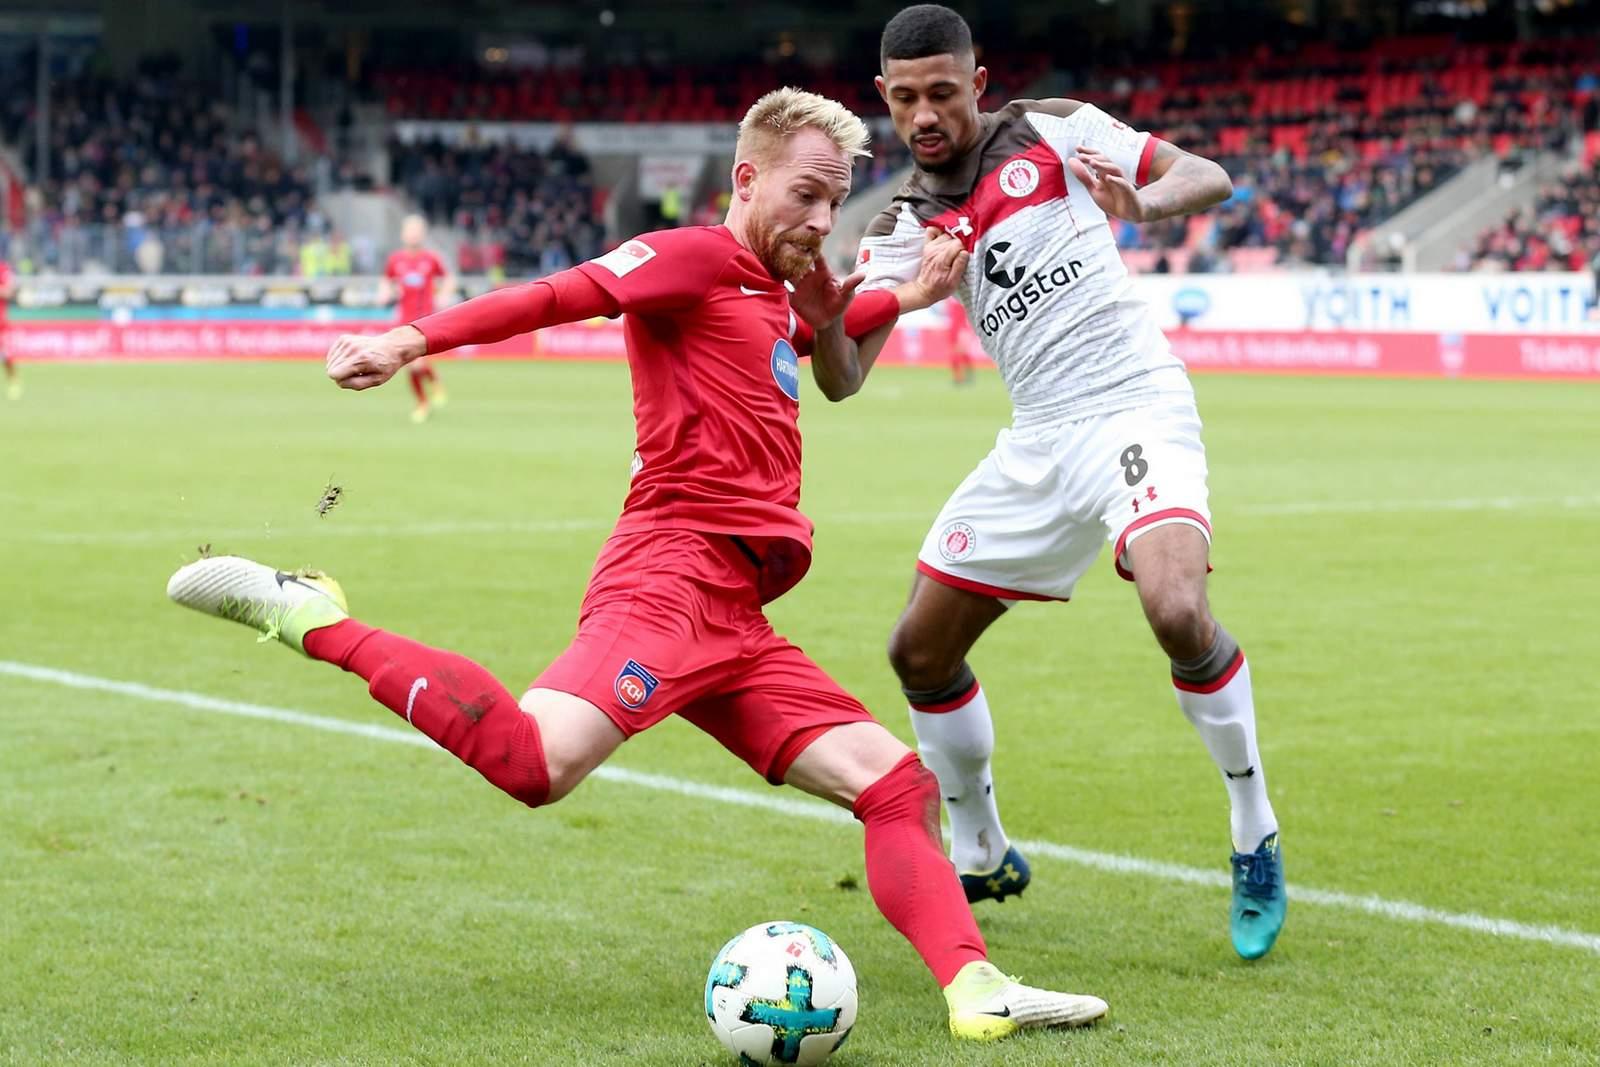 Kommt Marc Schnatterer gegen Jeremy Dudziak zum Abschluss? Jetzt auf Heidenheim gegen Köln wetten.